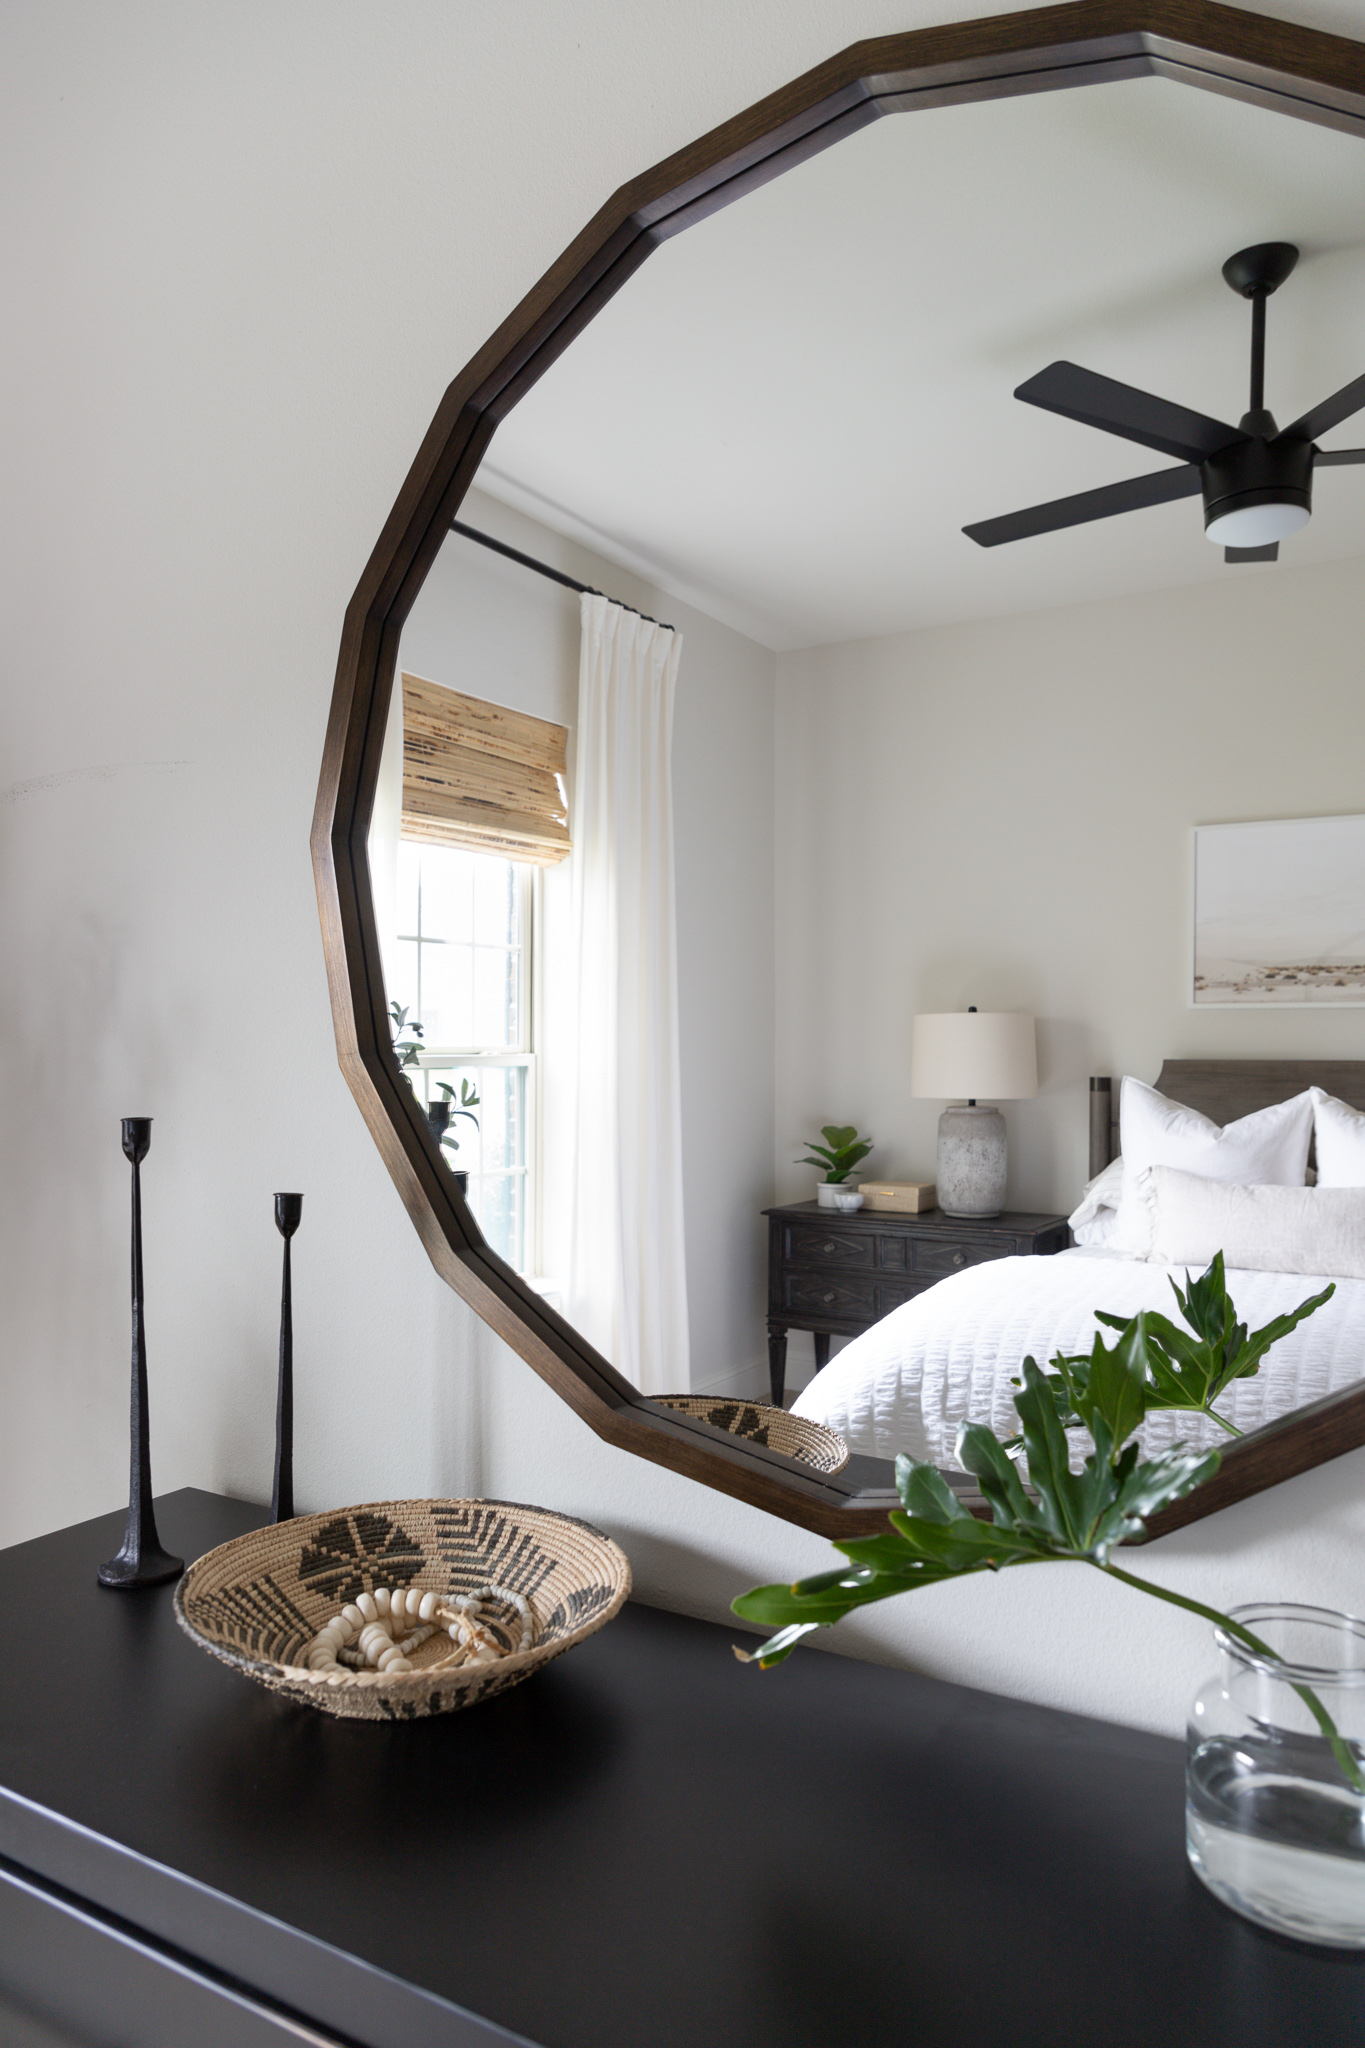 dresser styling ideas, large round Bassett Furniture mirror